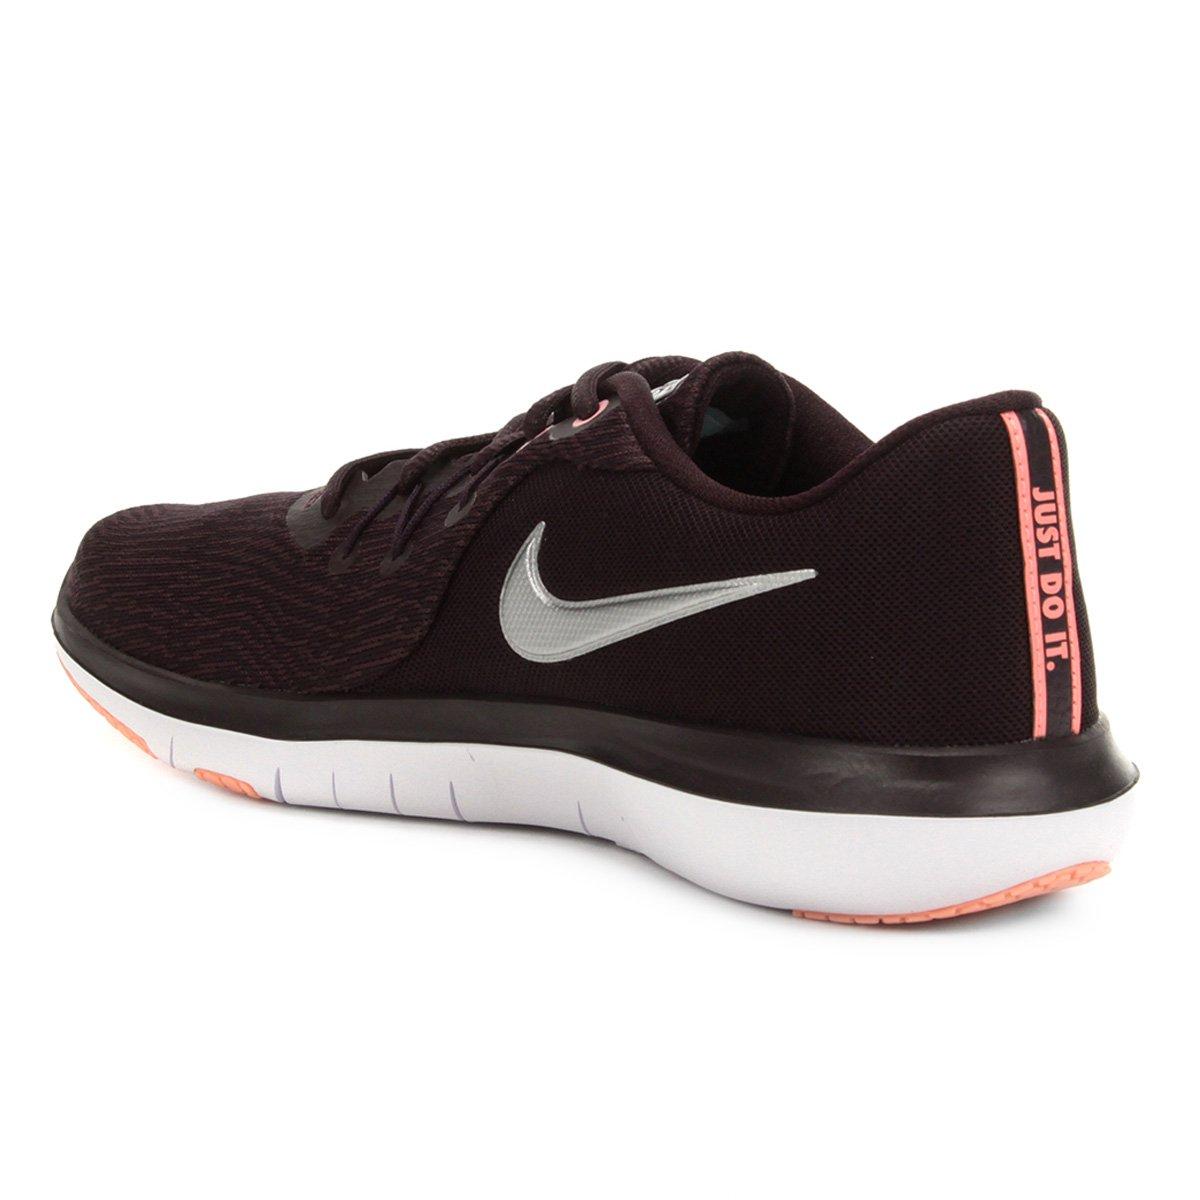 Tênis Nike Flex Supreme TR 6 Feminino - Vinho e Prata - Compre Agora ... de4aa4d20a0f0